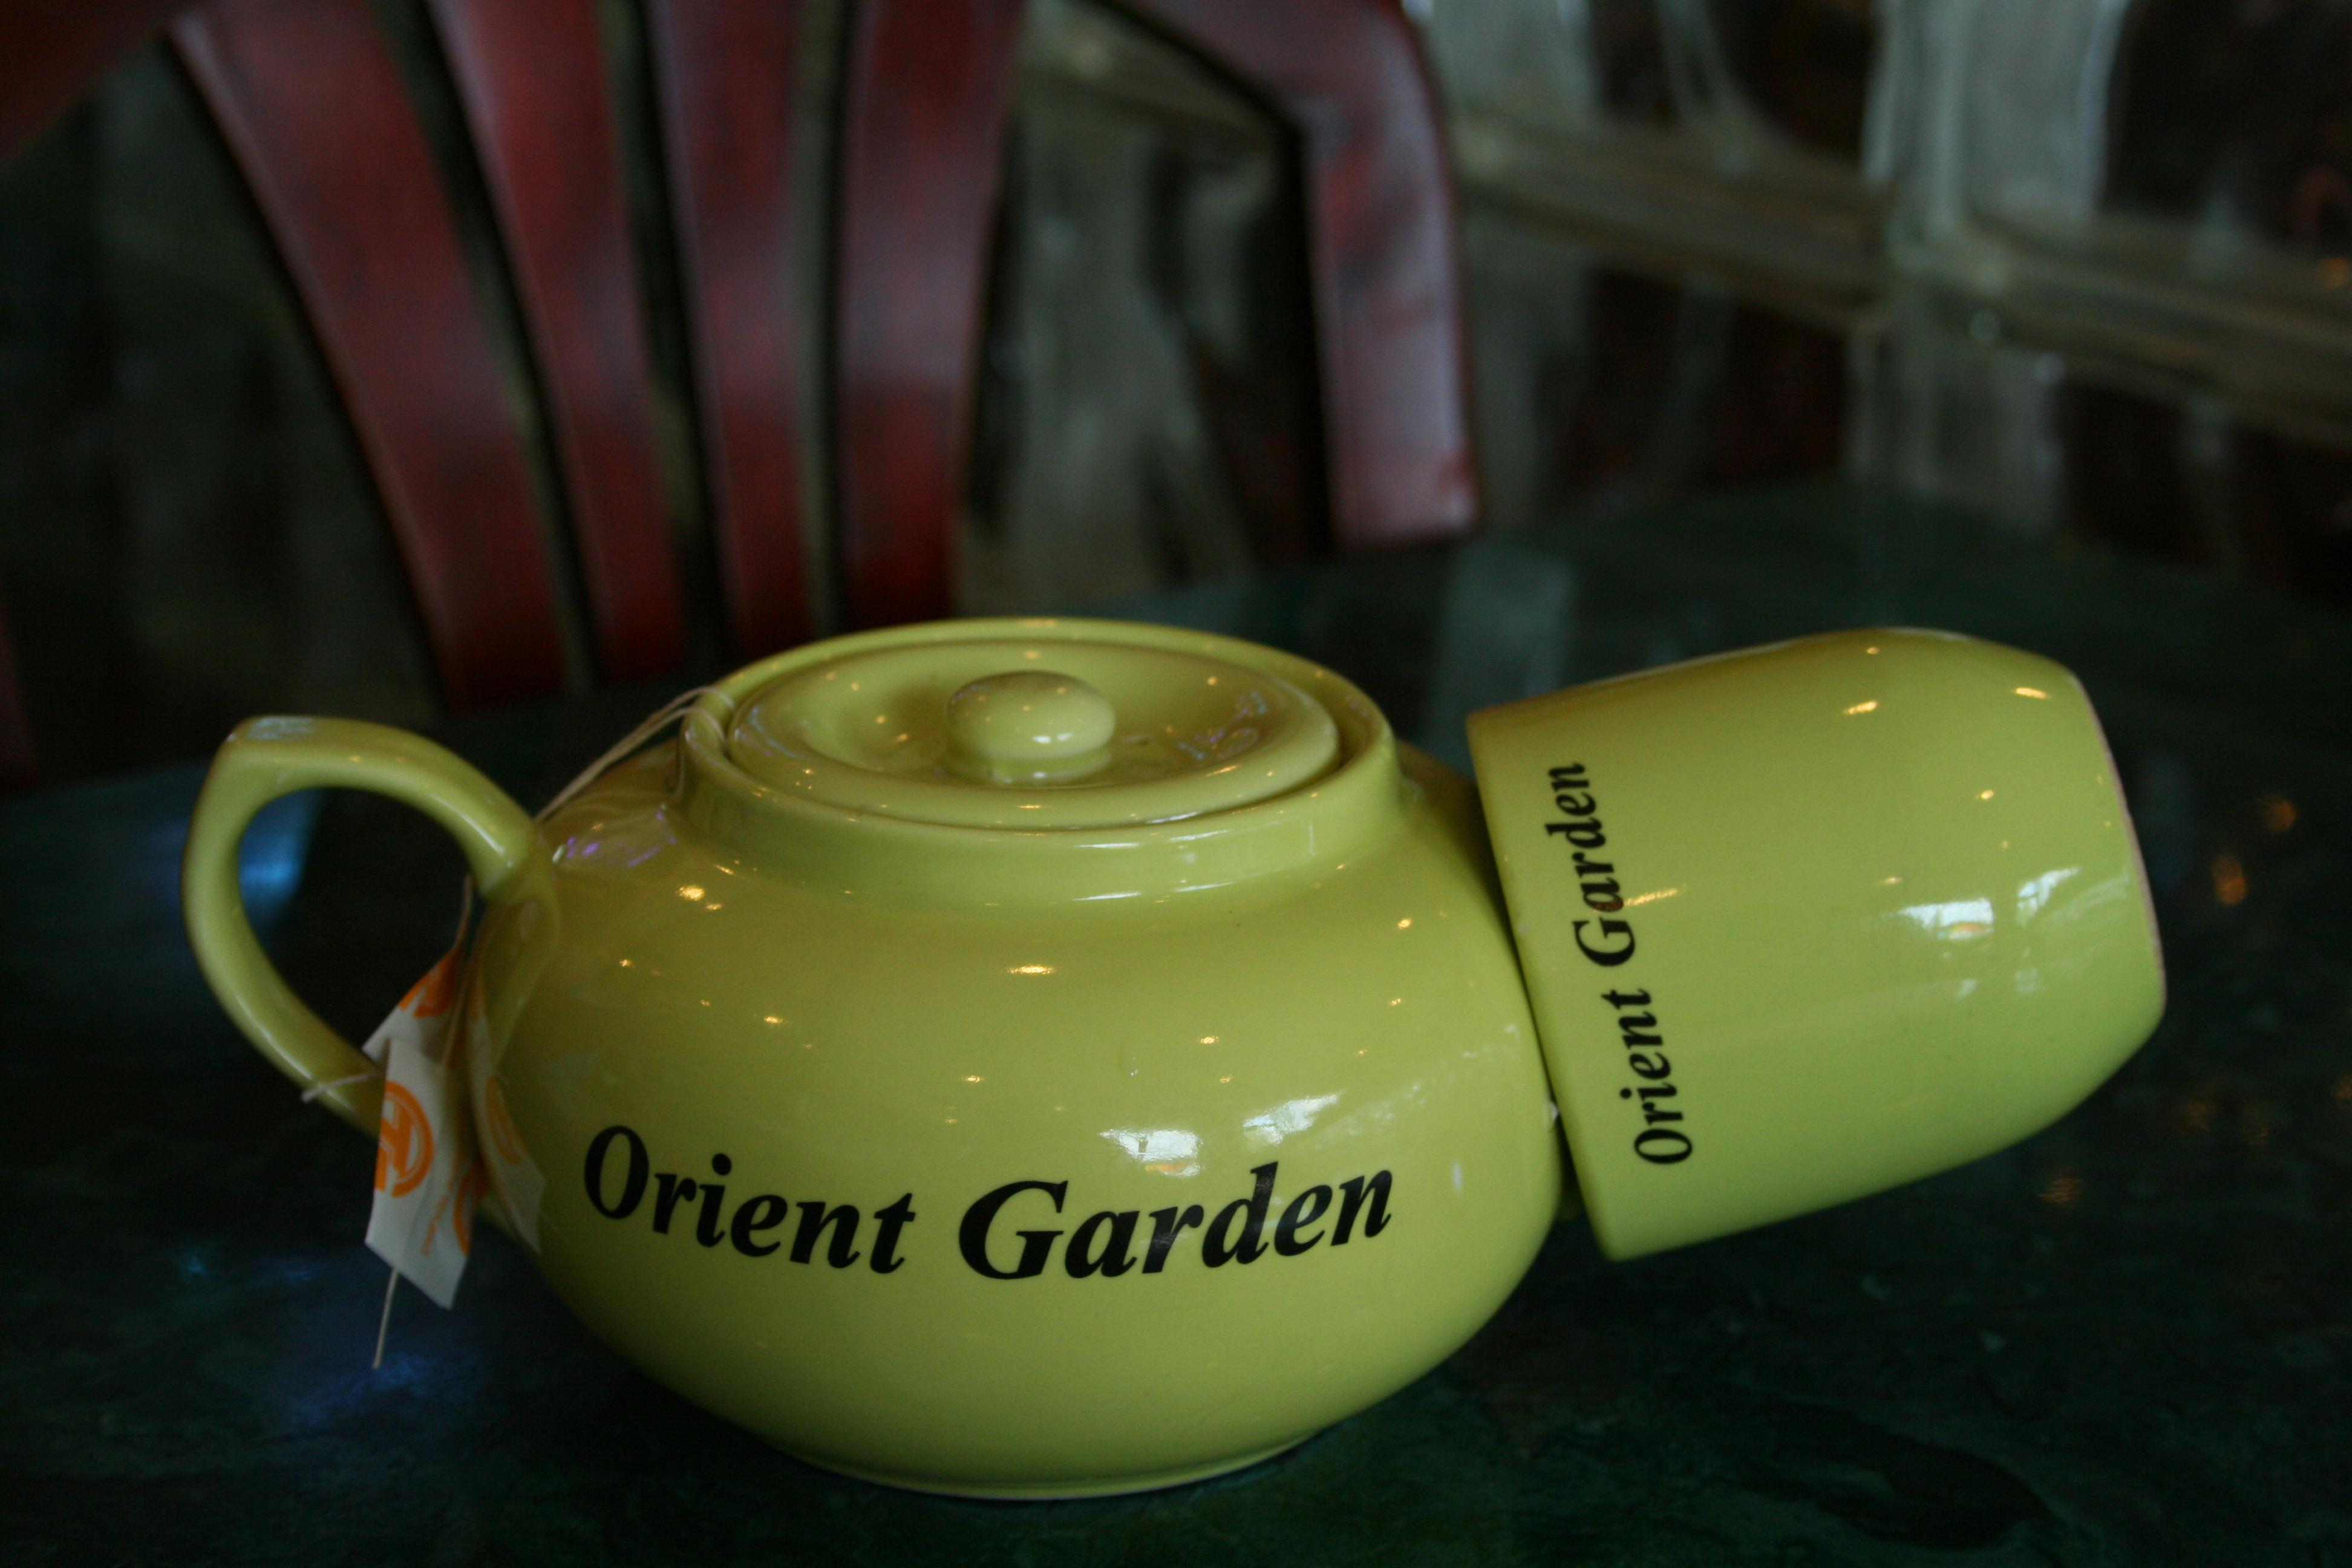 file:2008-08-18 tea served at orient garden in durham